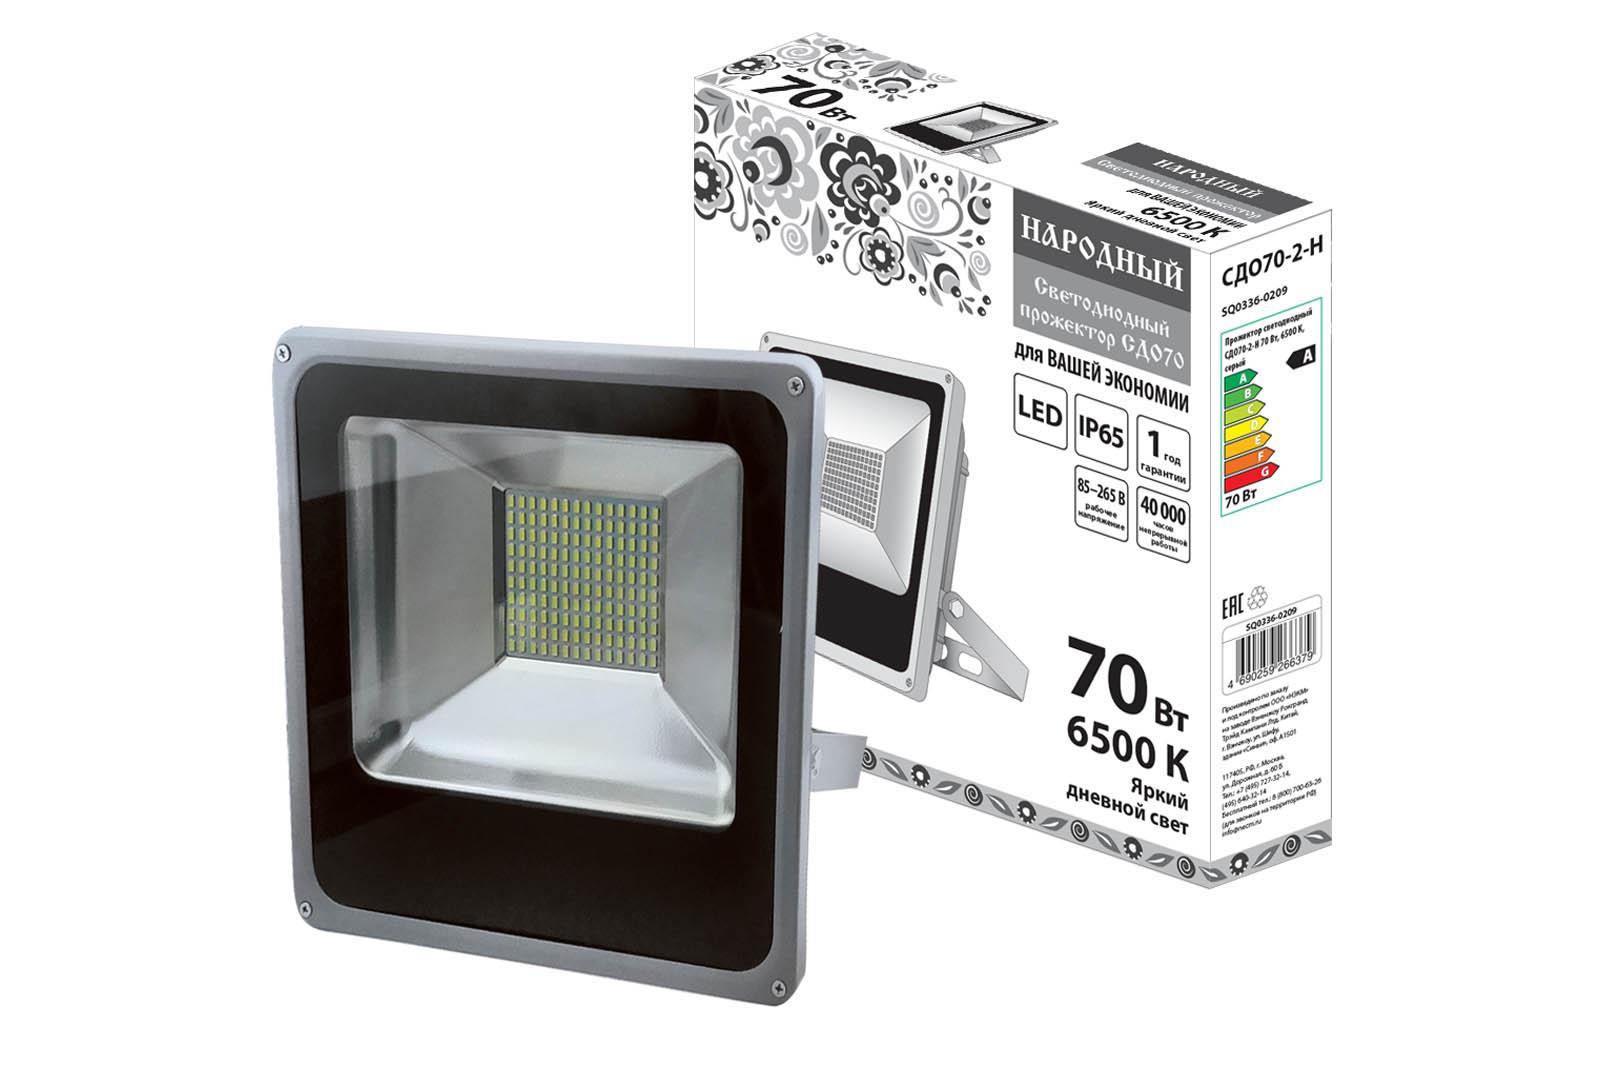 Фото Прожектор светодиодный СДО70-2-Н 70 Вт, 6500 К, серый {SQ0336-0209}